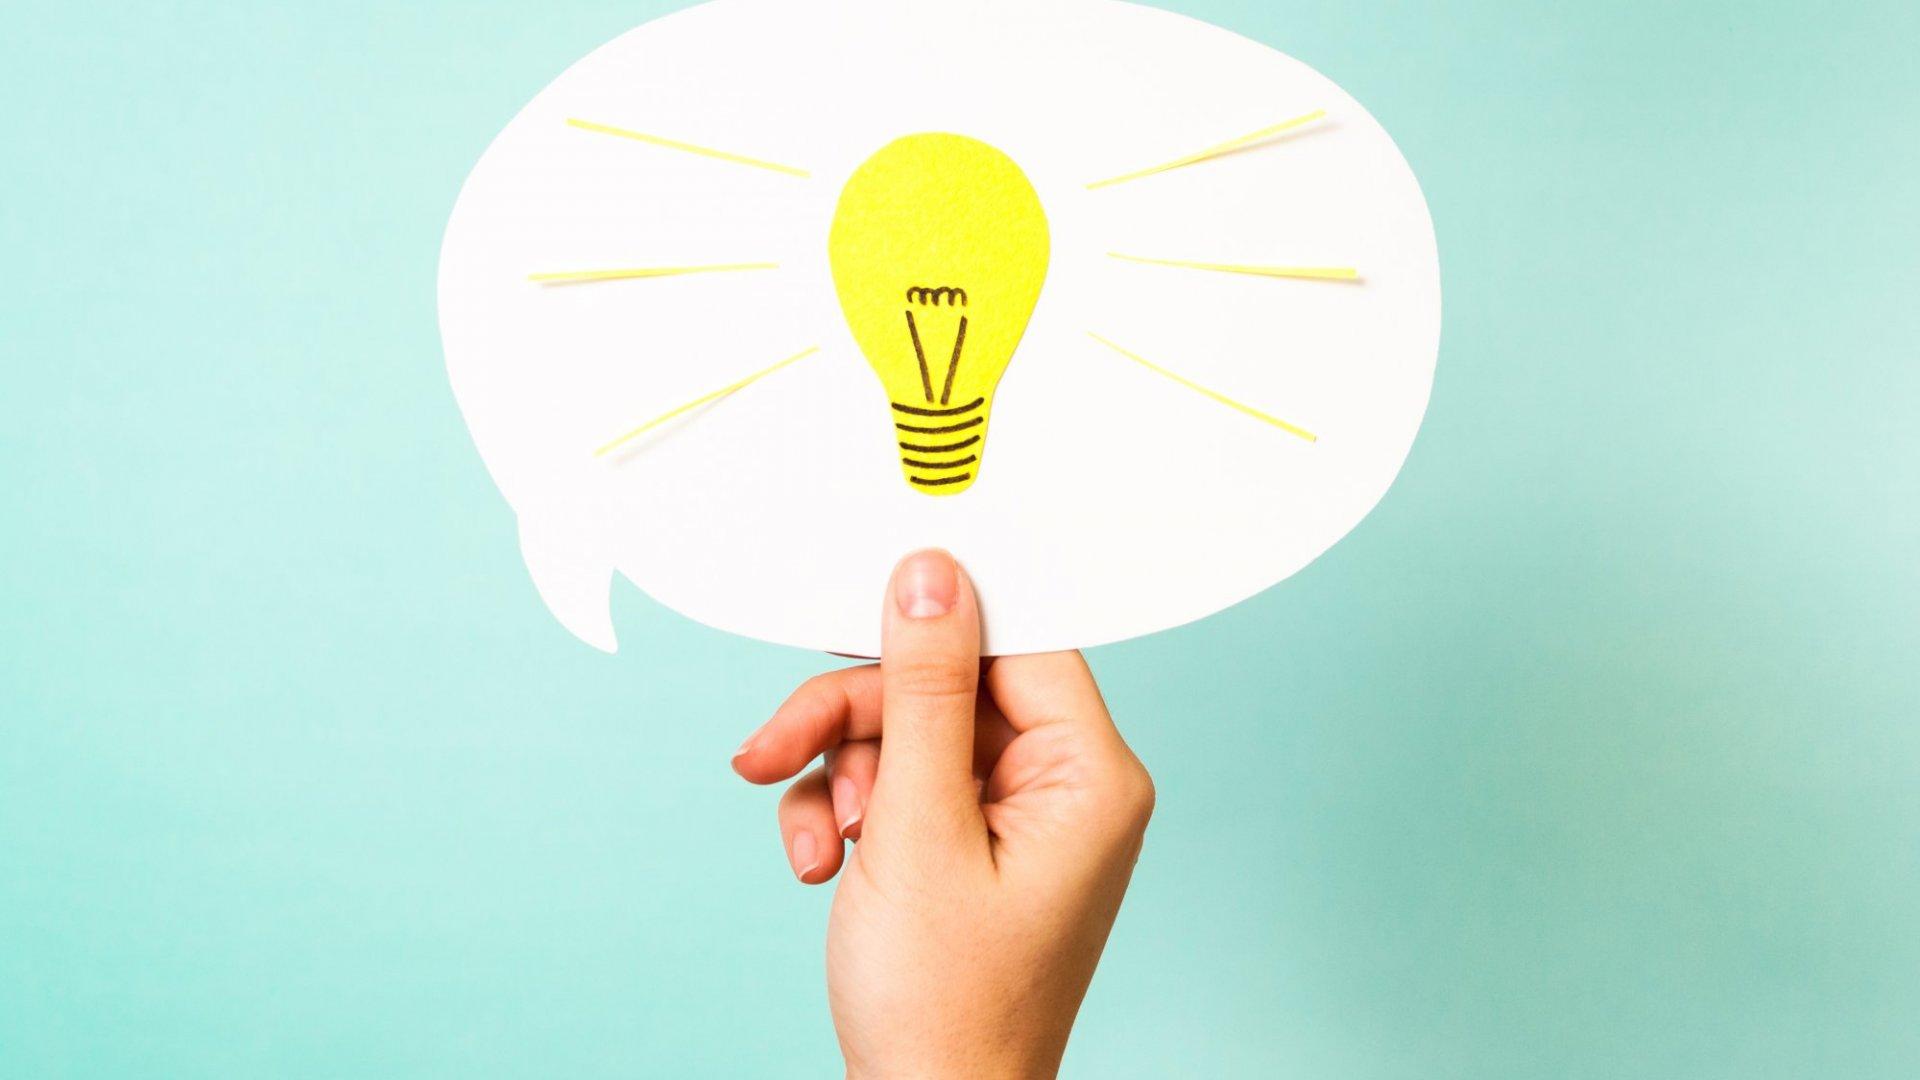 Can You Raise Entrepreneurs?